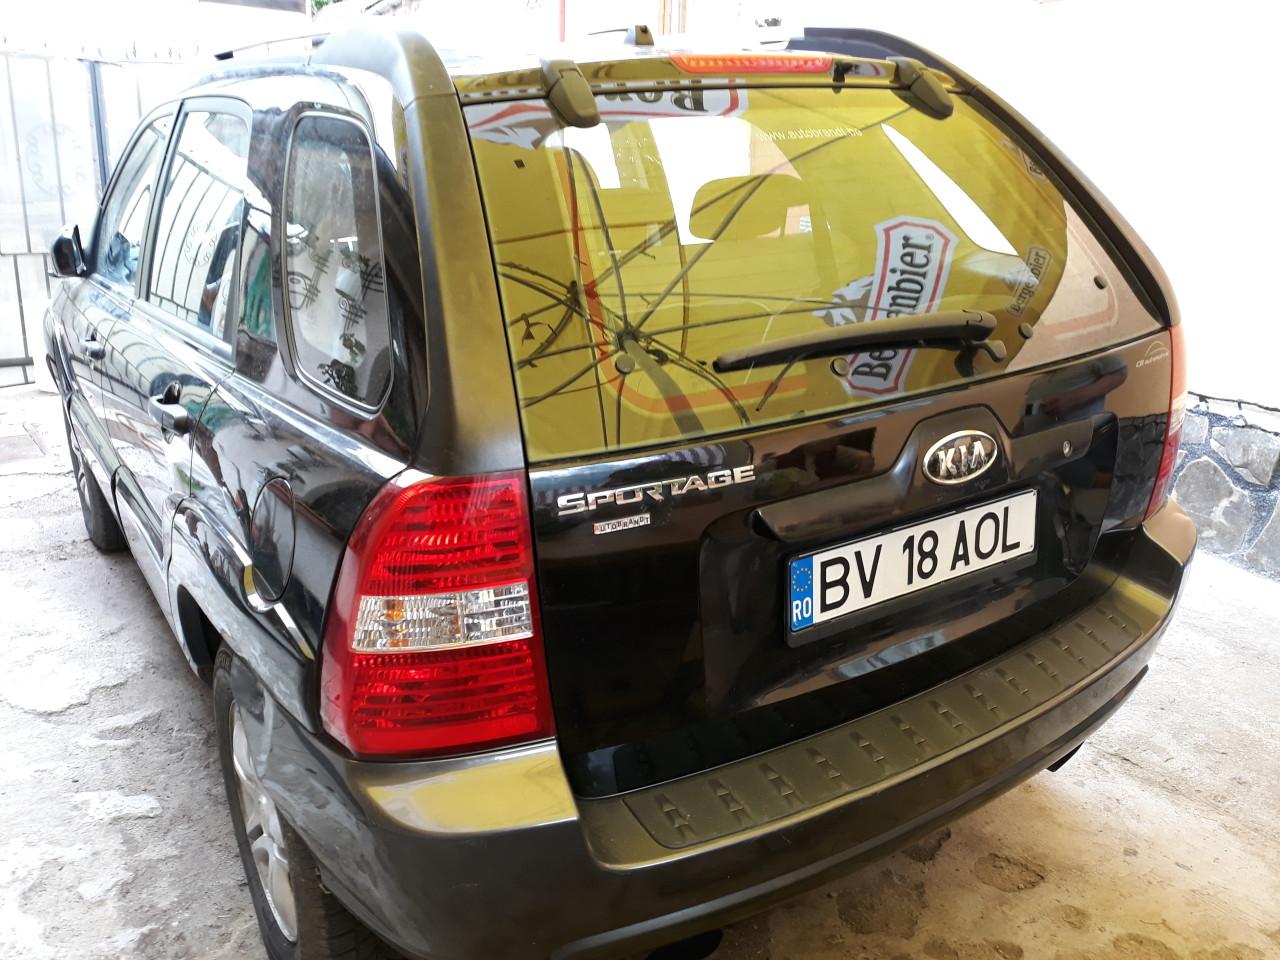 Kia Sportage 2.0 TDI 2005